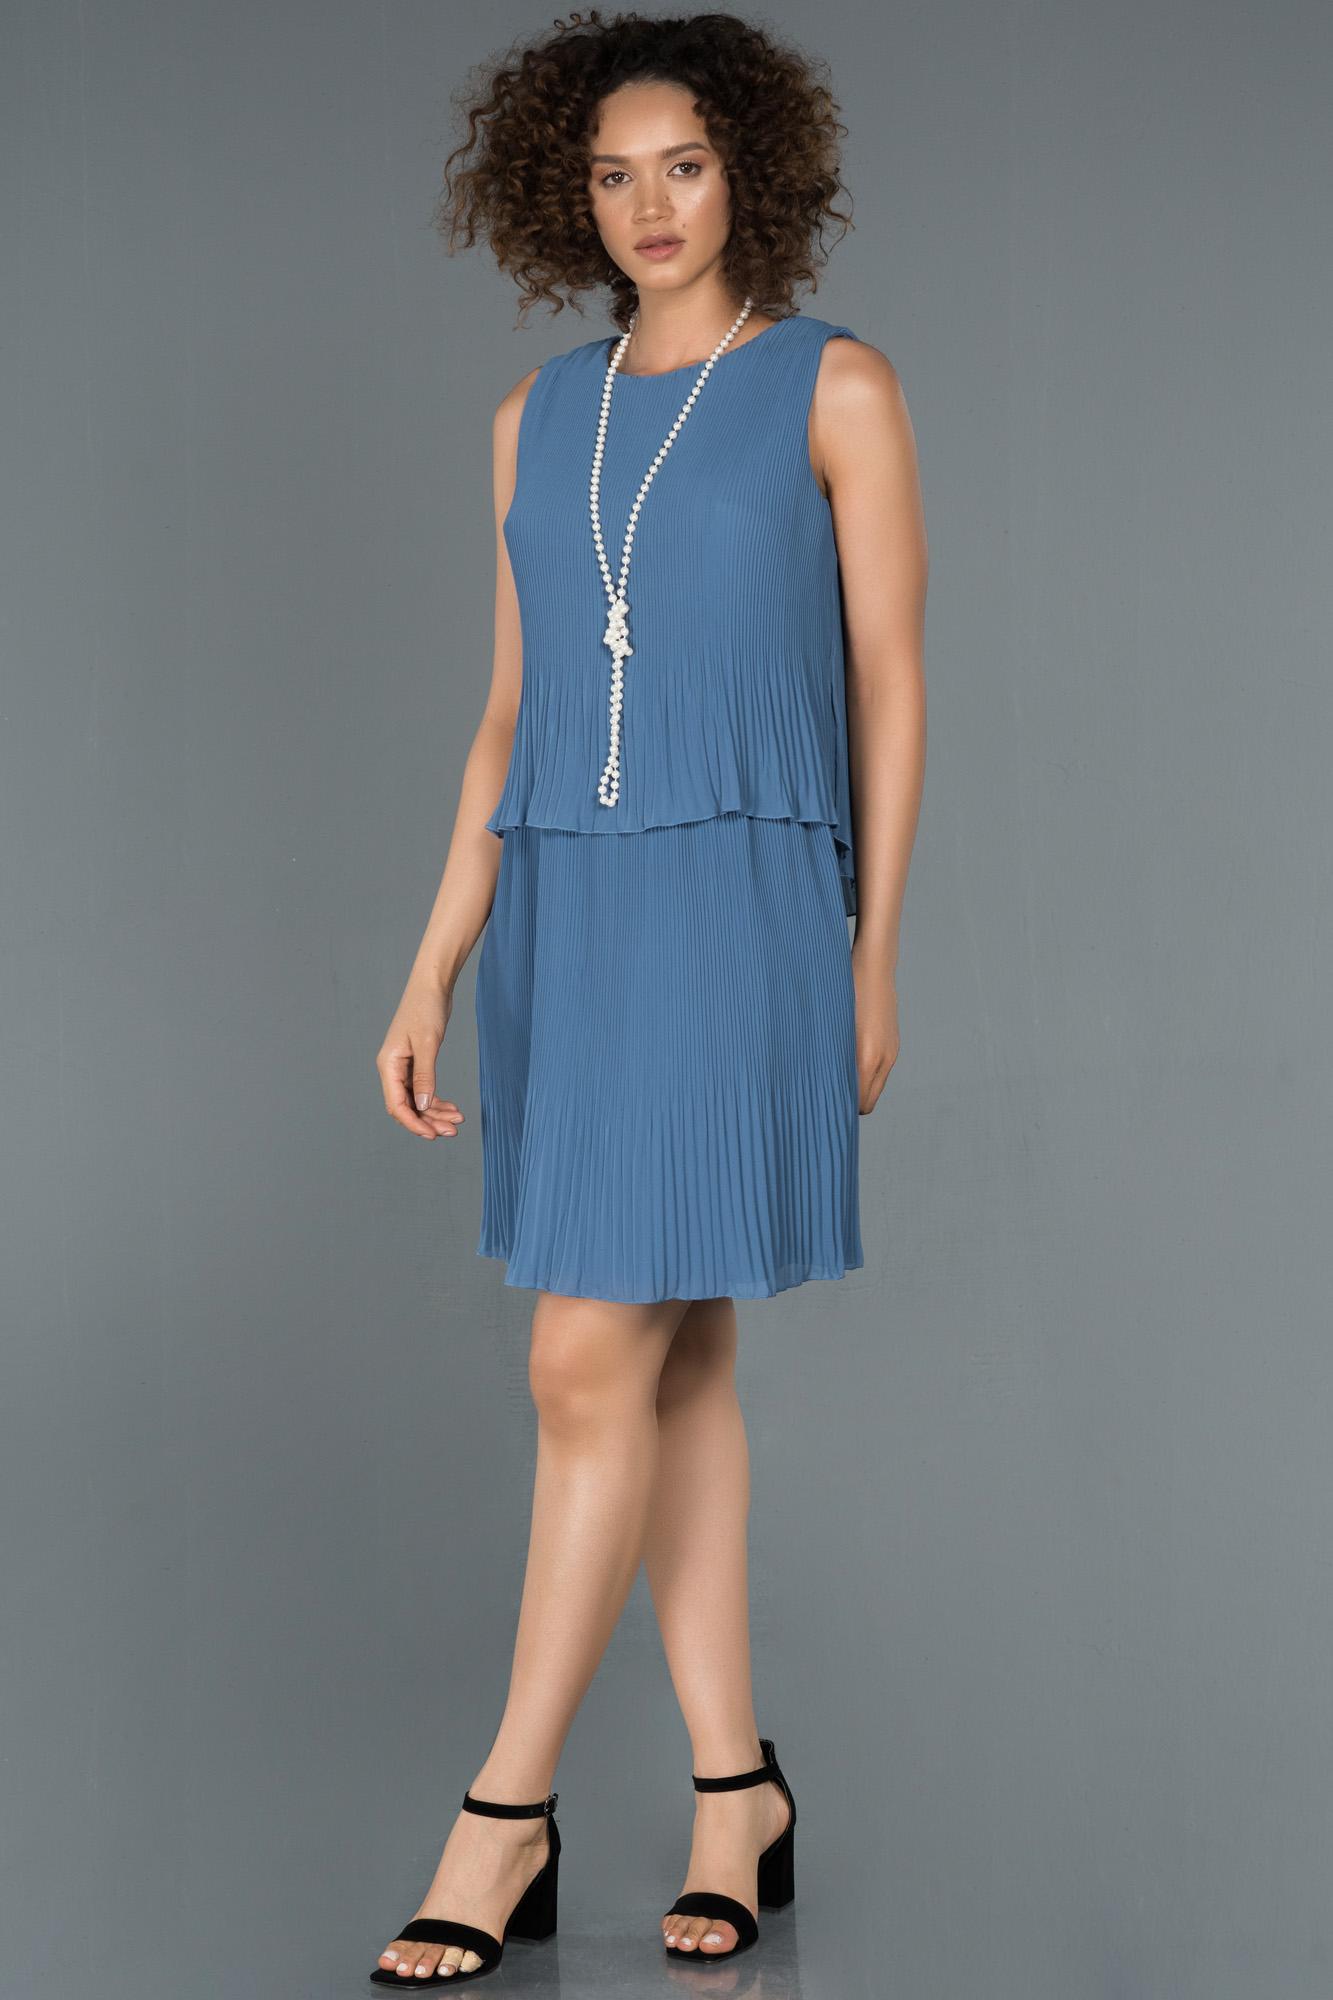 Indigo Kolye Detaylı Kısa Şifon Davet Elbisesi